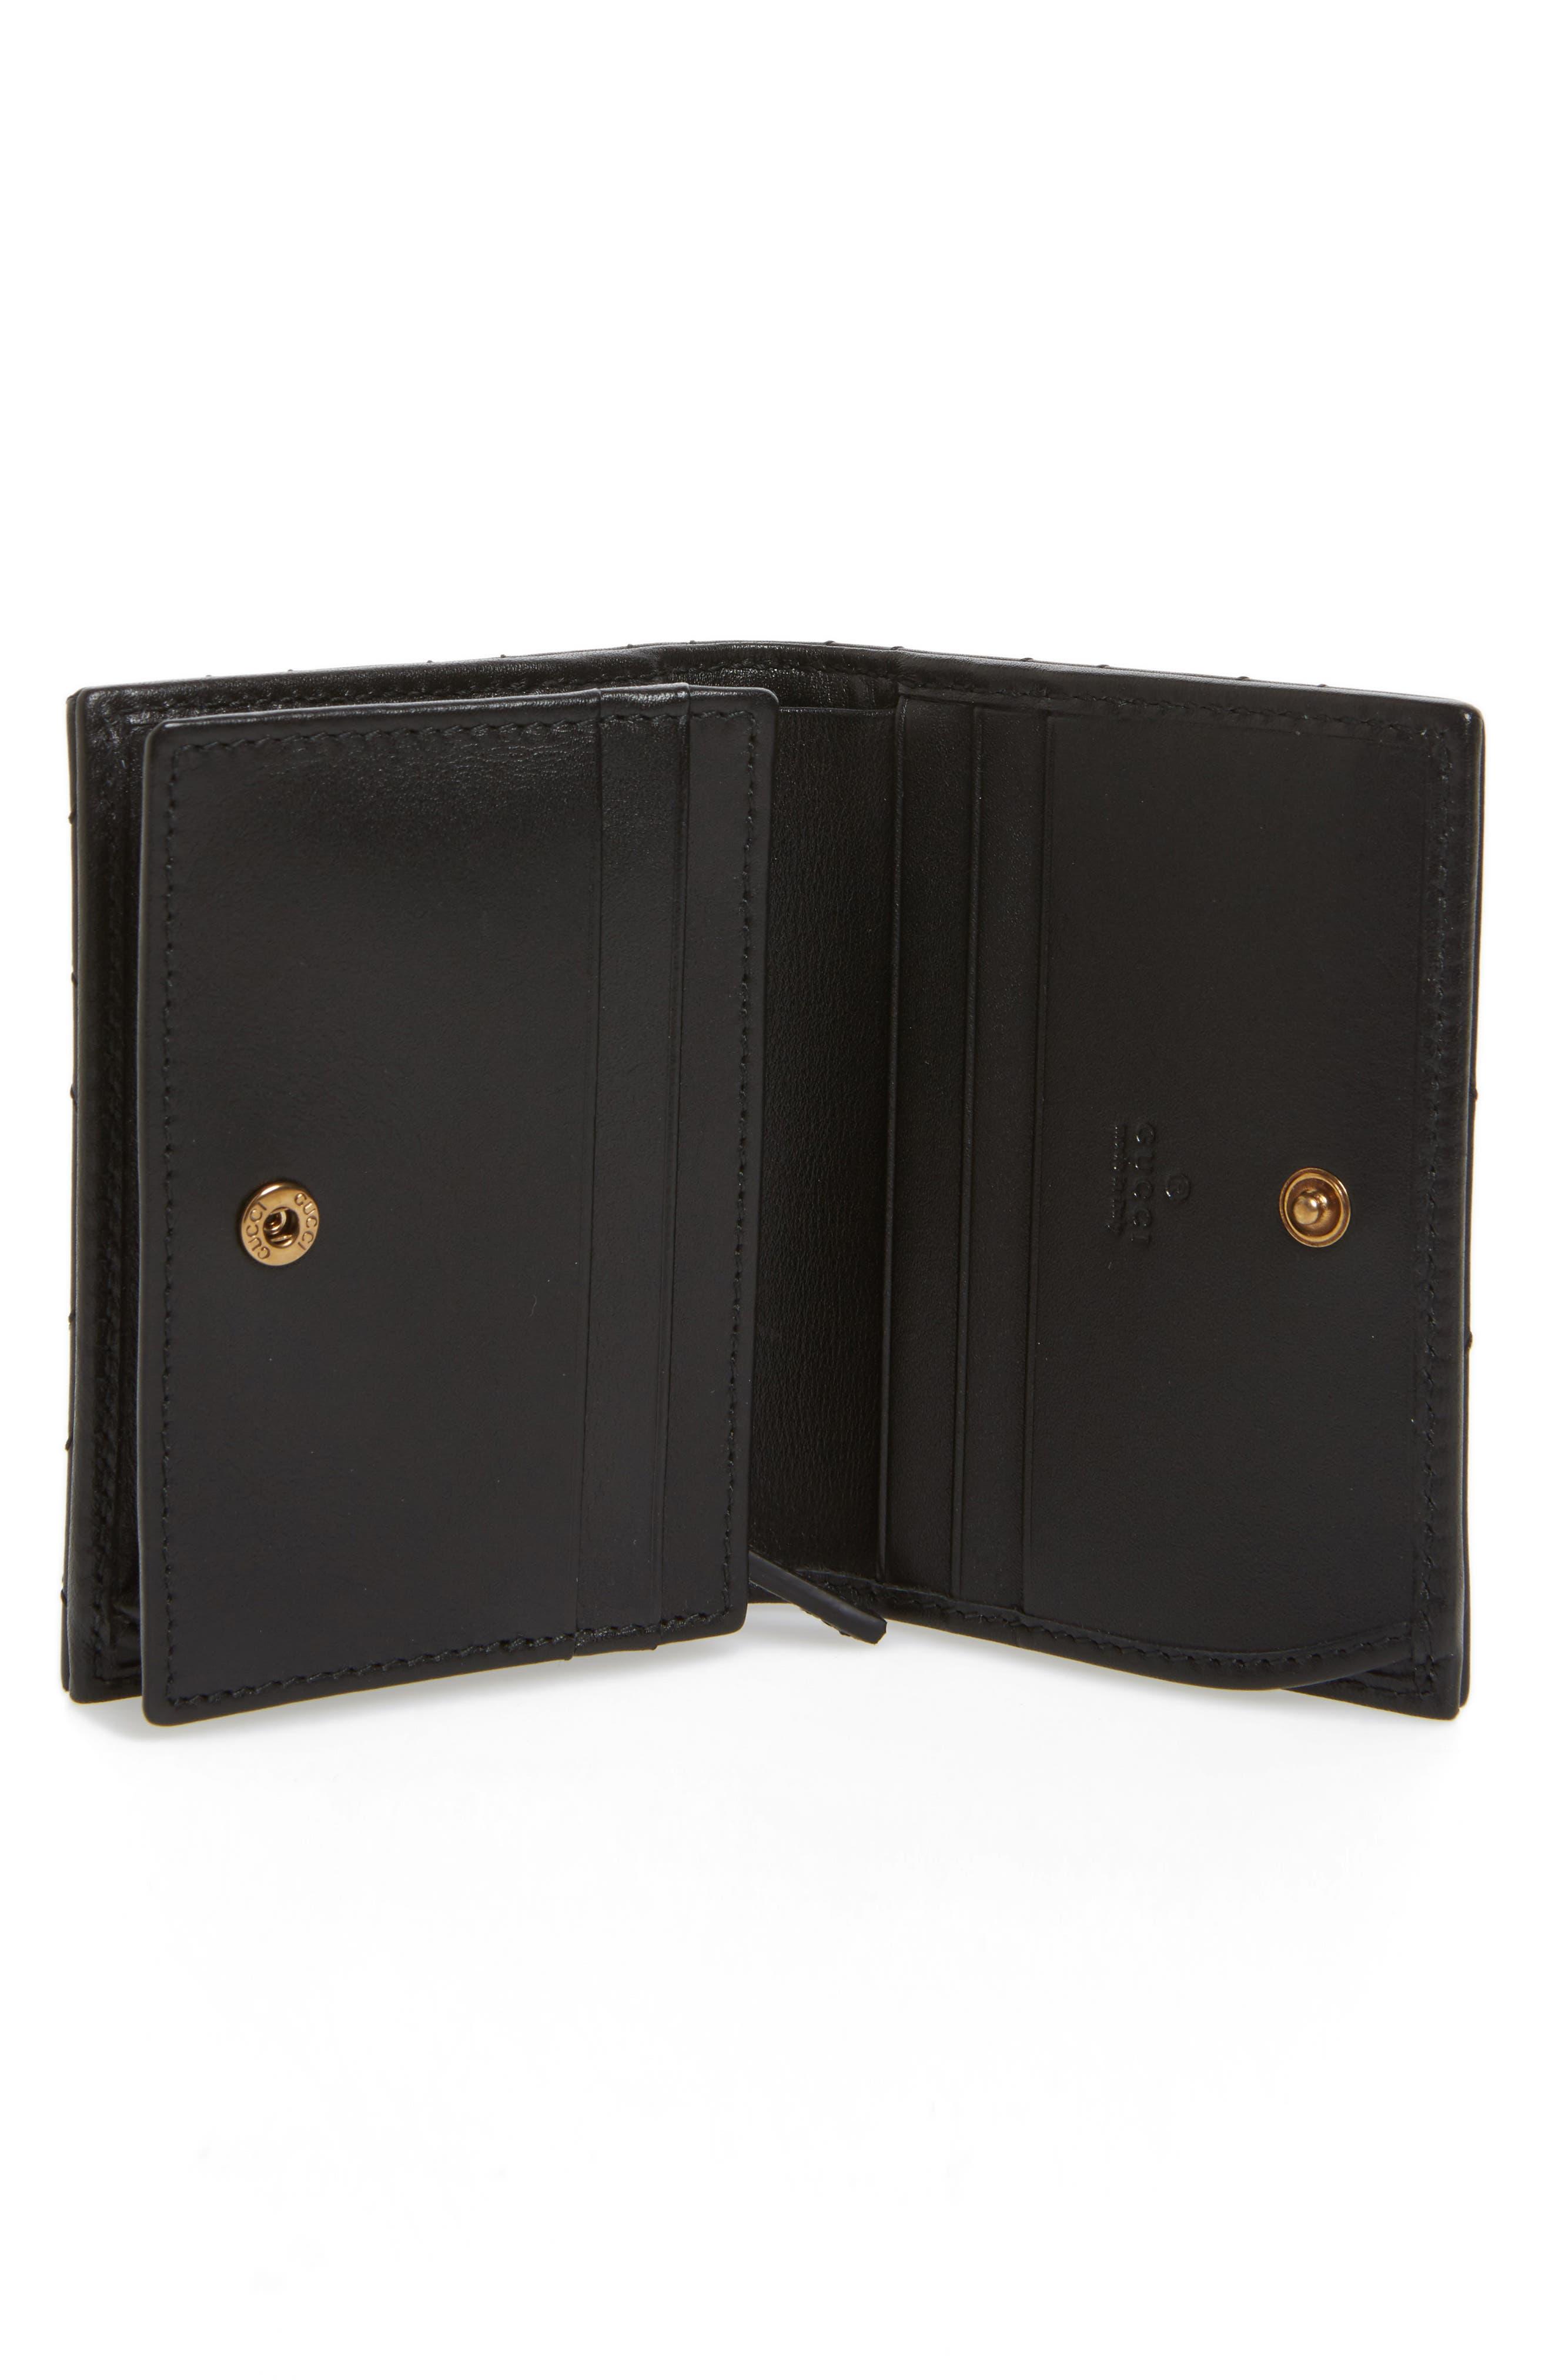 GG Marmont 2.0 Moth Matelassé Leather Card Case,                             Alternate thumbnail 2, color,                             001